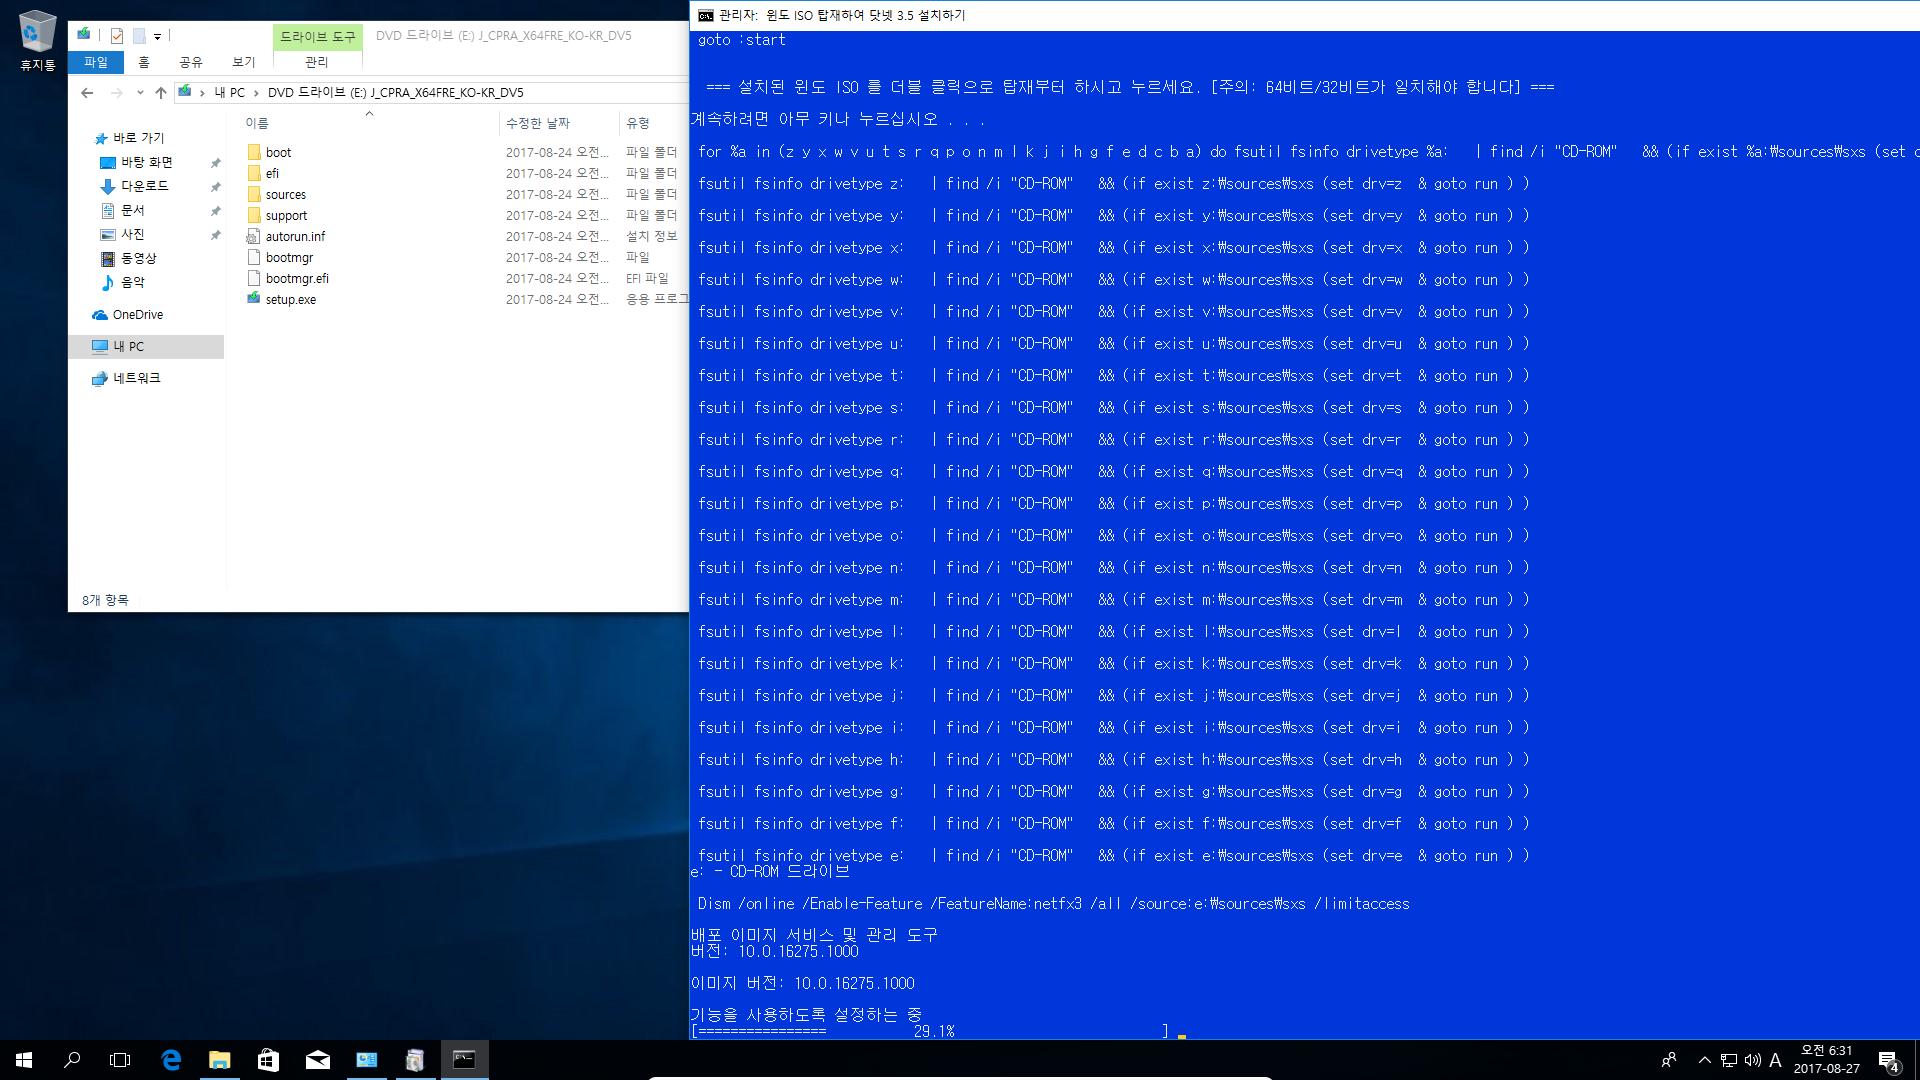 닷넷3.5 설치하기 - 윈도ISO 탑재 필요.bat 테스트 2017-08-27_063126.png